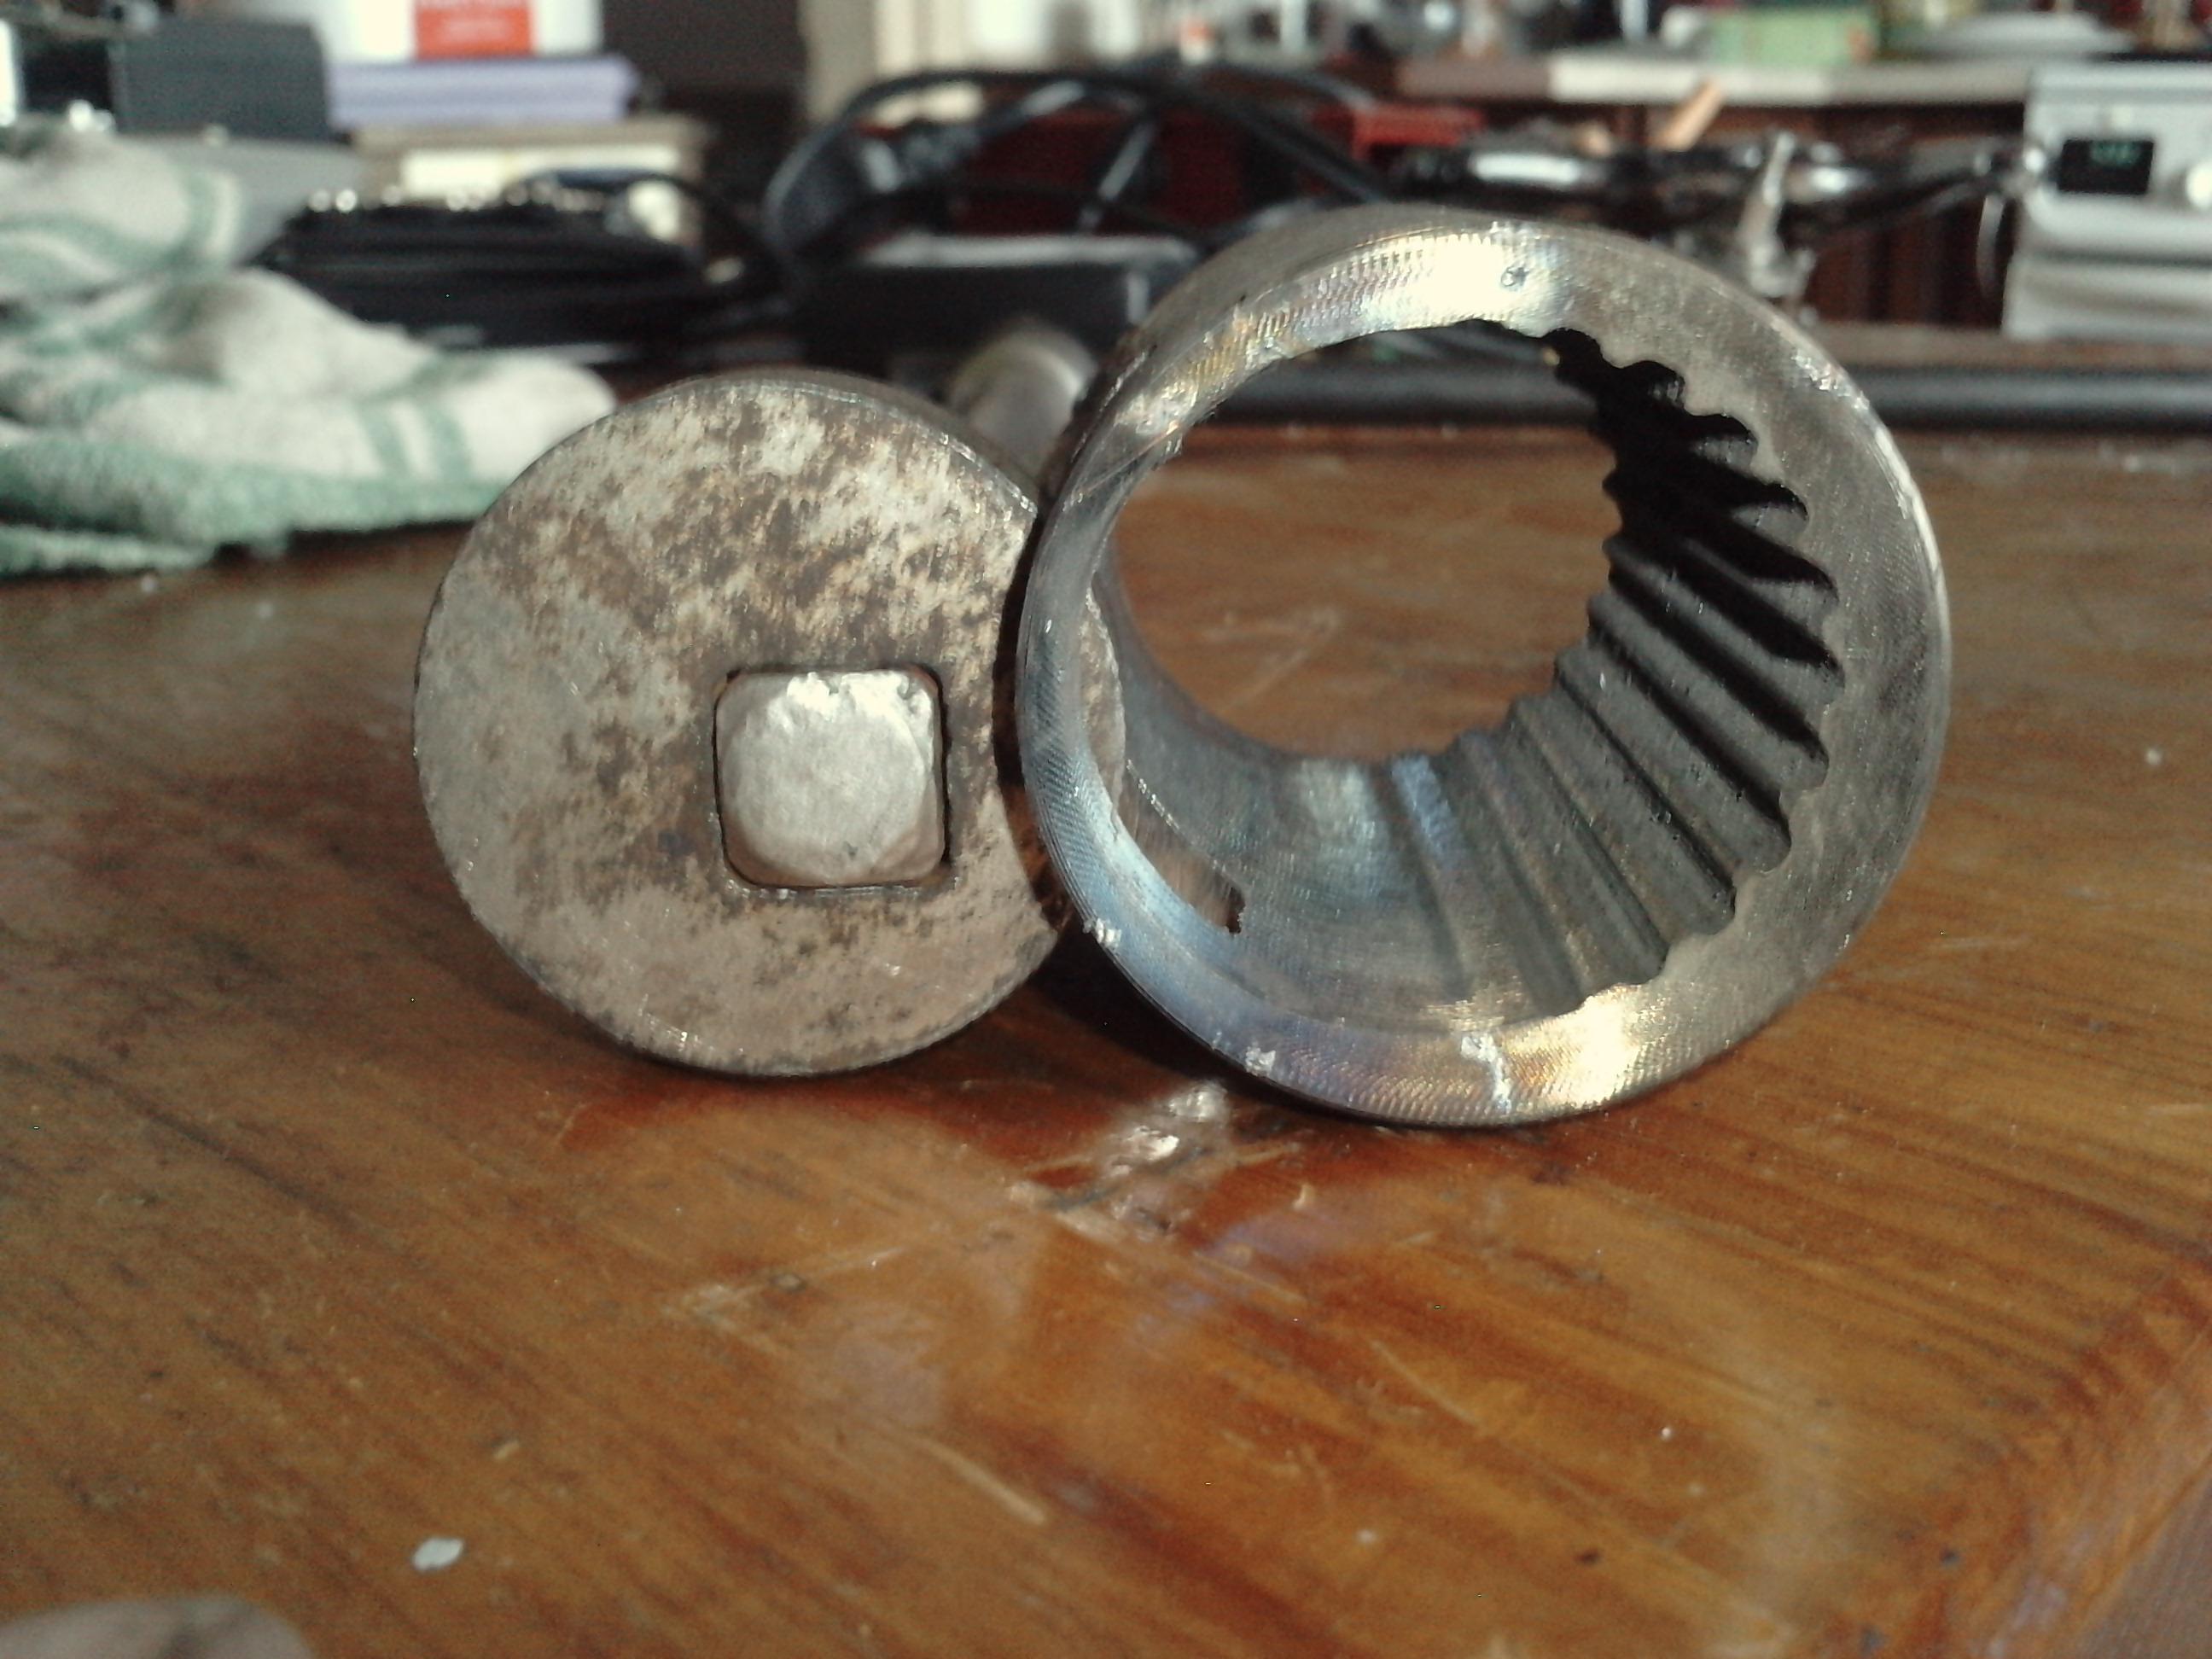 Jak odkr�ci� przegub dr��ka bez  demonta�u maglownicy (VAG)?